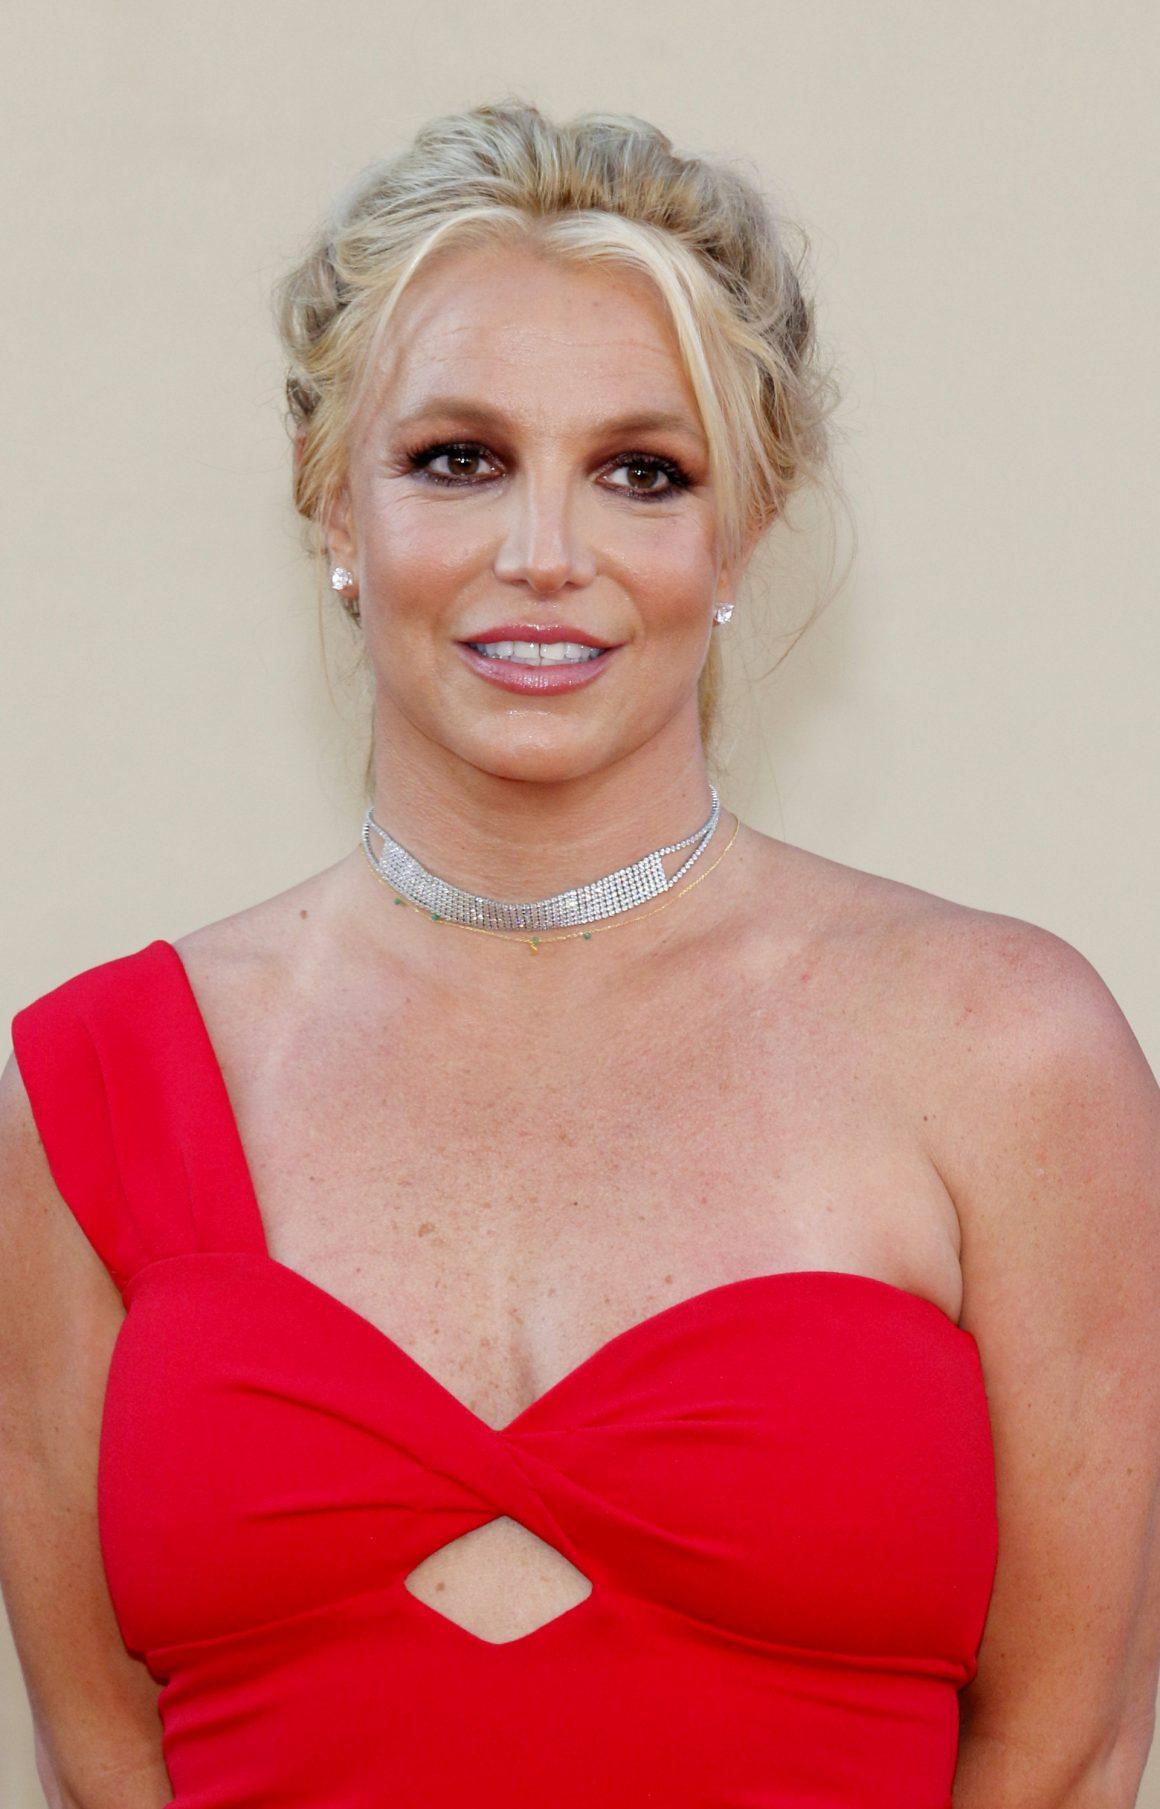 povestea de viață a lui Britney Spears